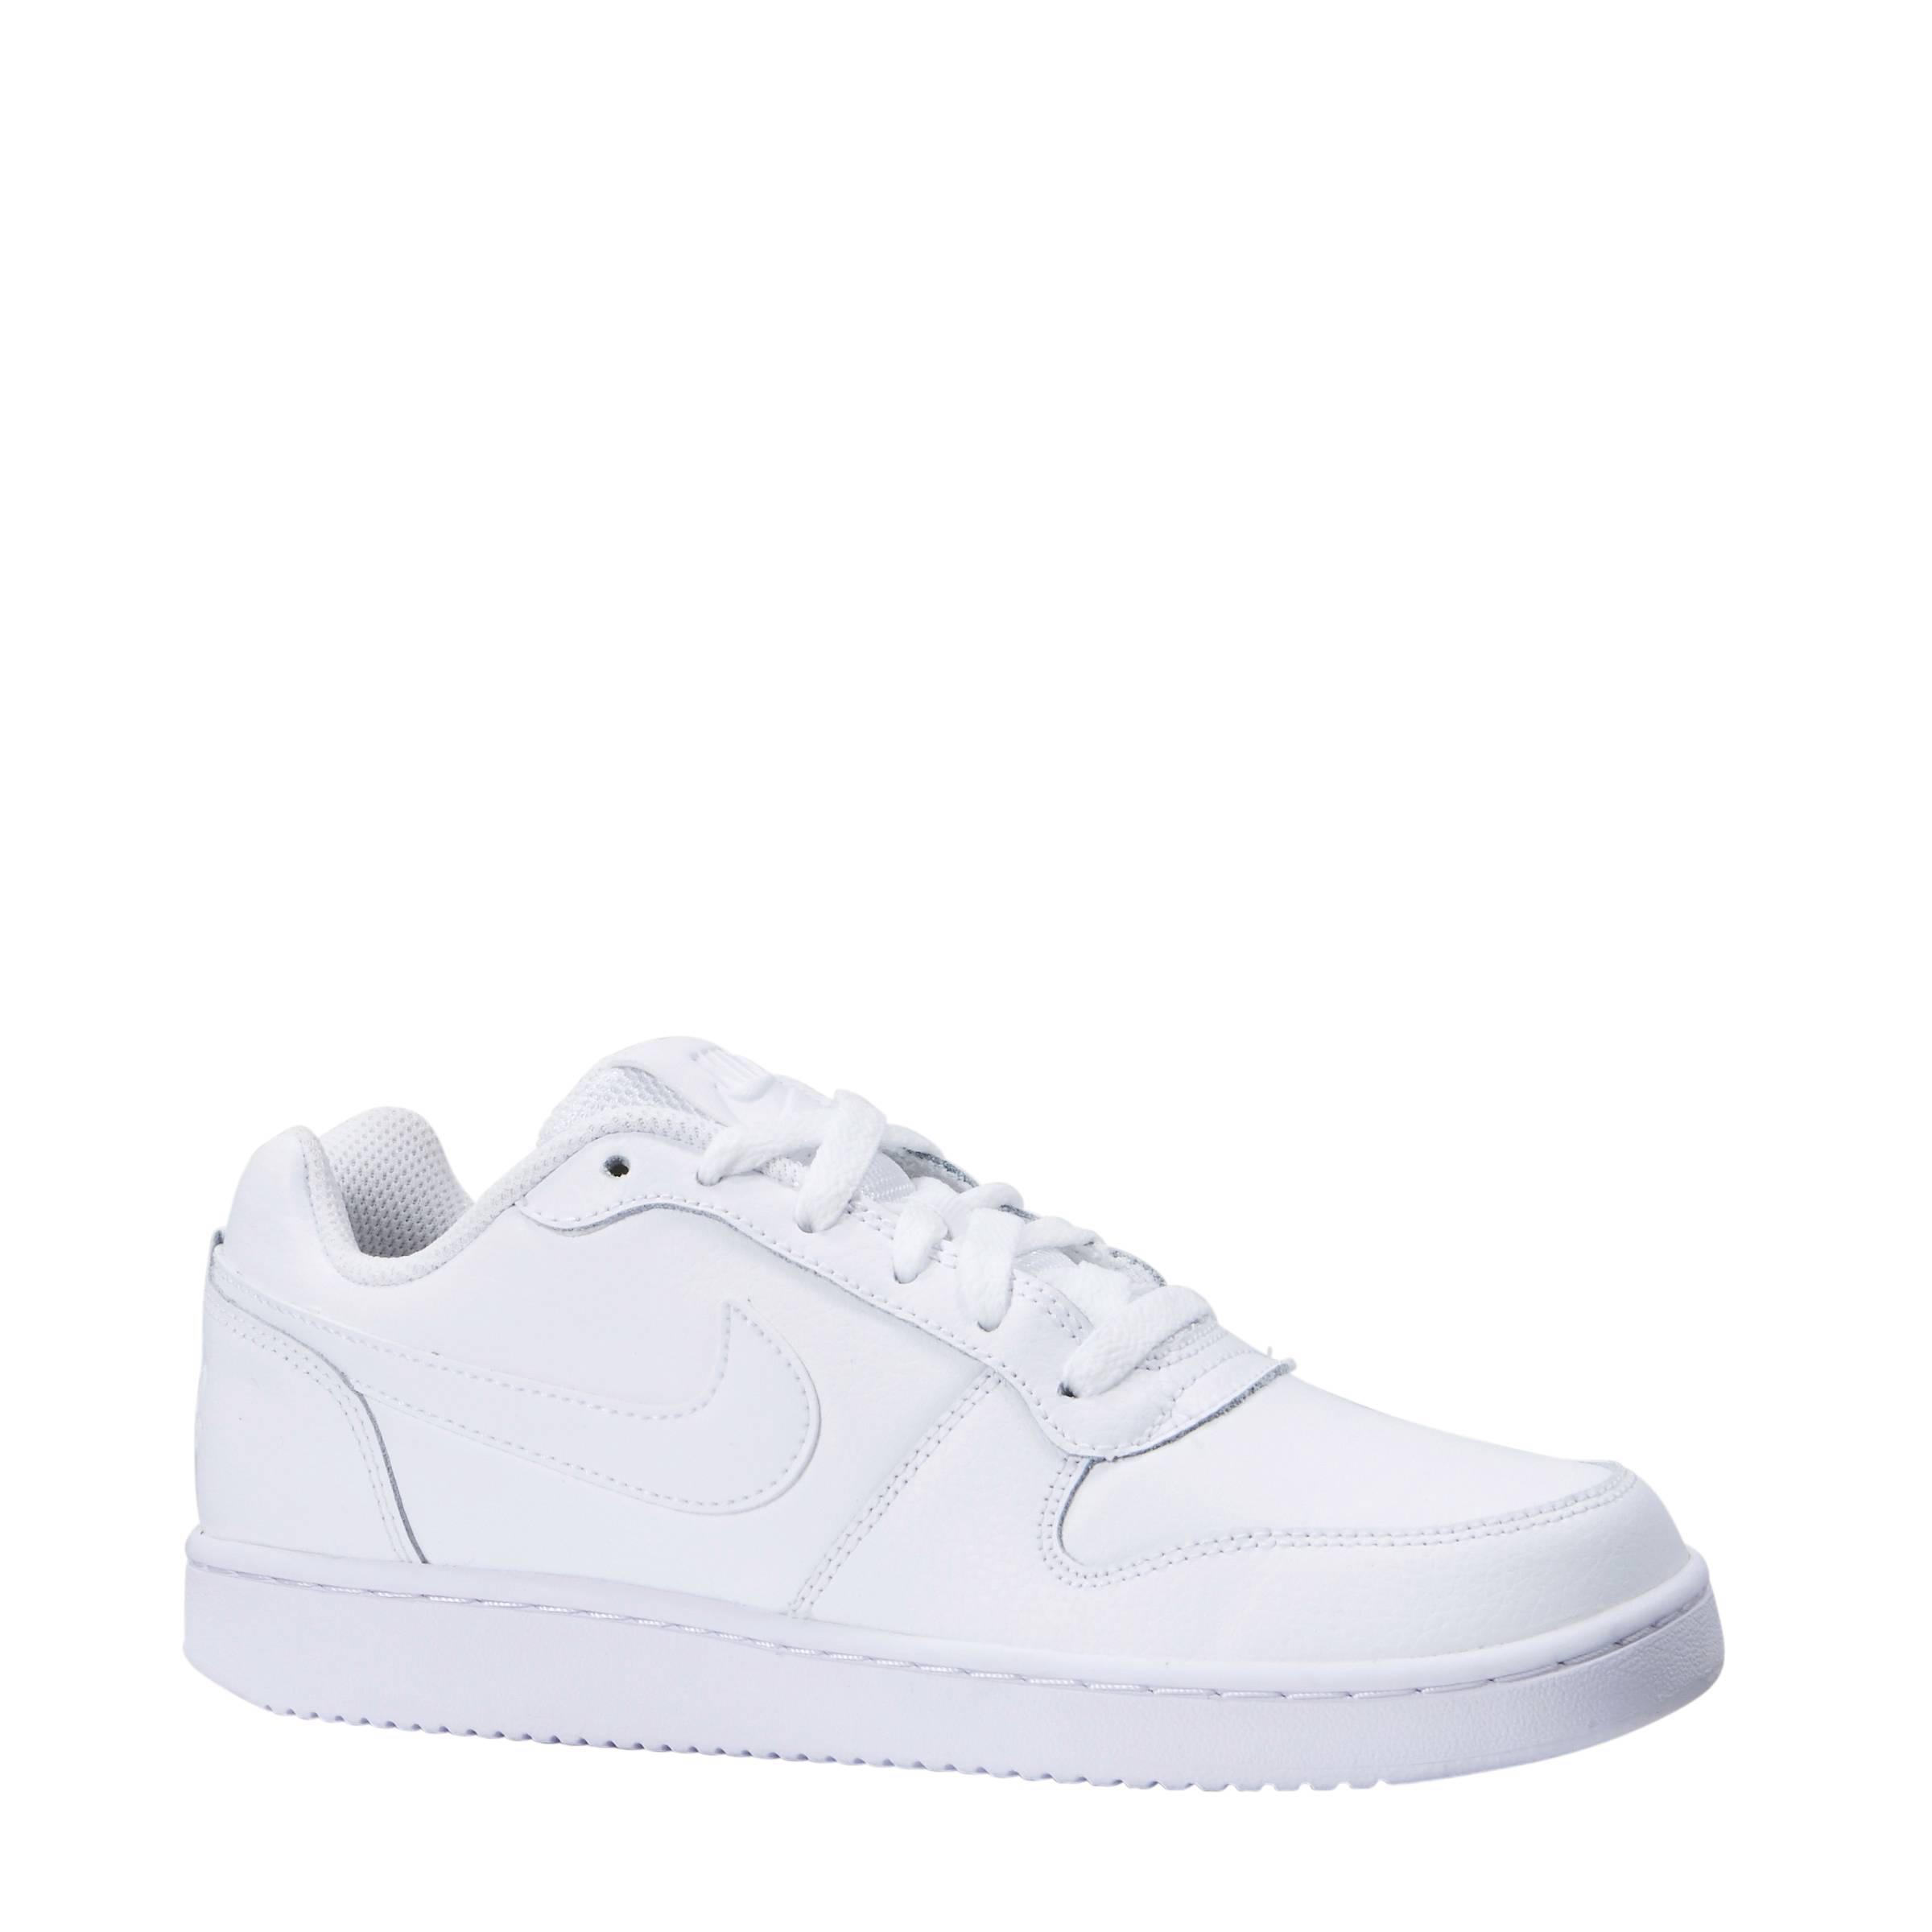 Witte Nike Sneakers : Schoenen kopen | Nike | online shop